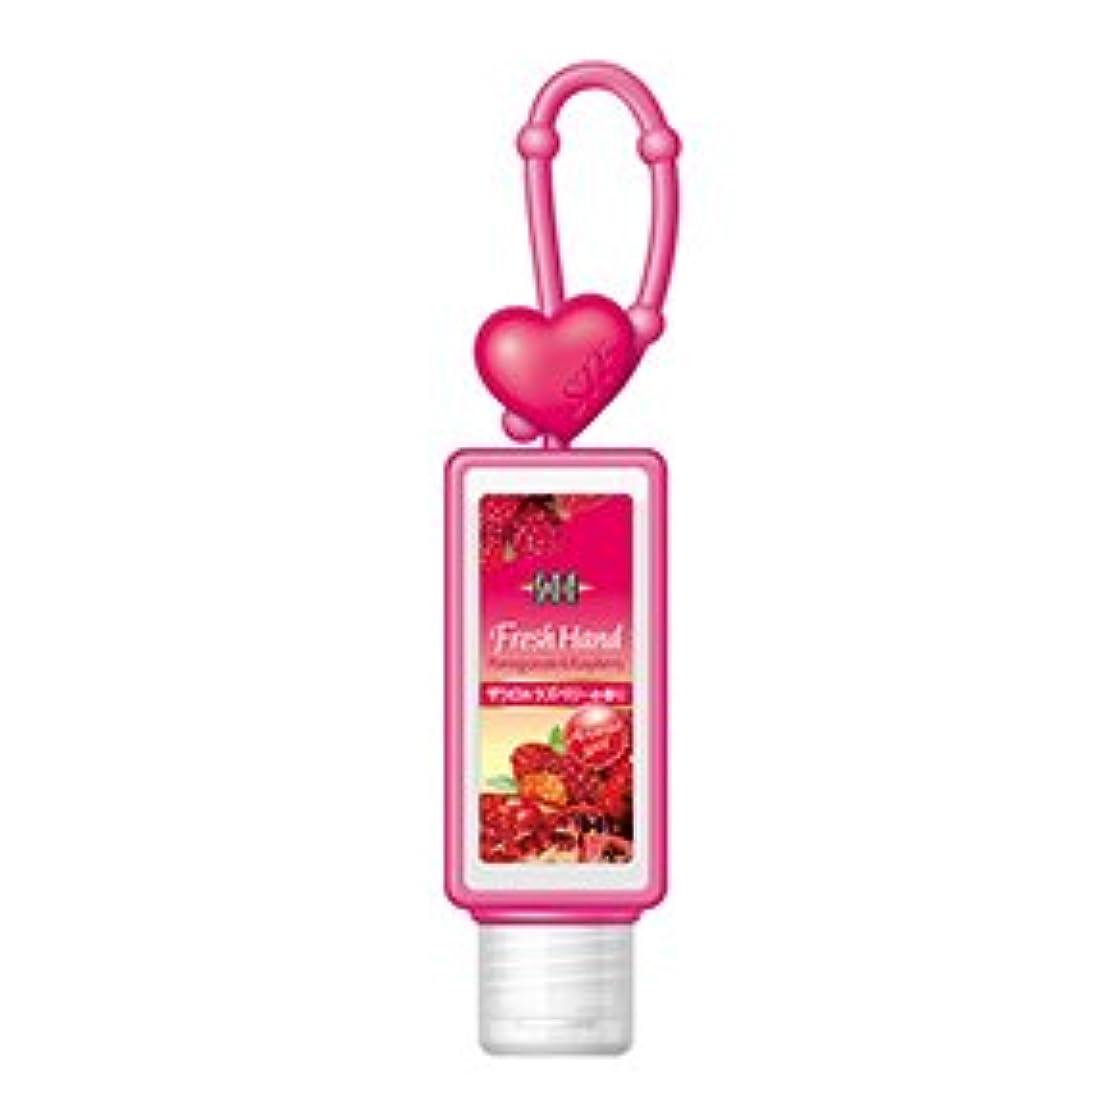 コントラスト筋コンテンポラリーSTF フレッシュハンド ザクロ&ラズベリーの香り 30ml